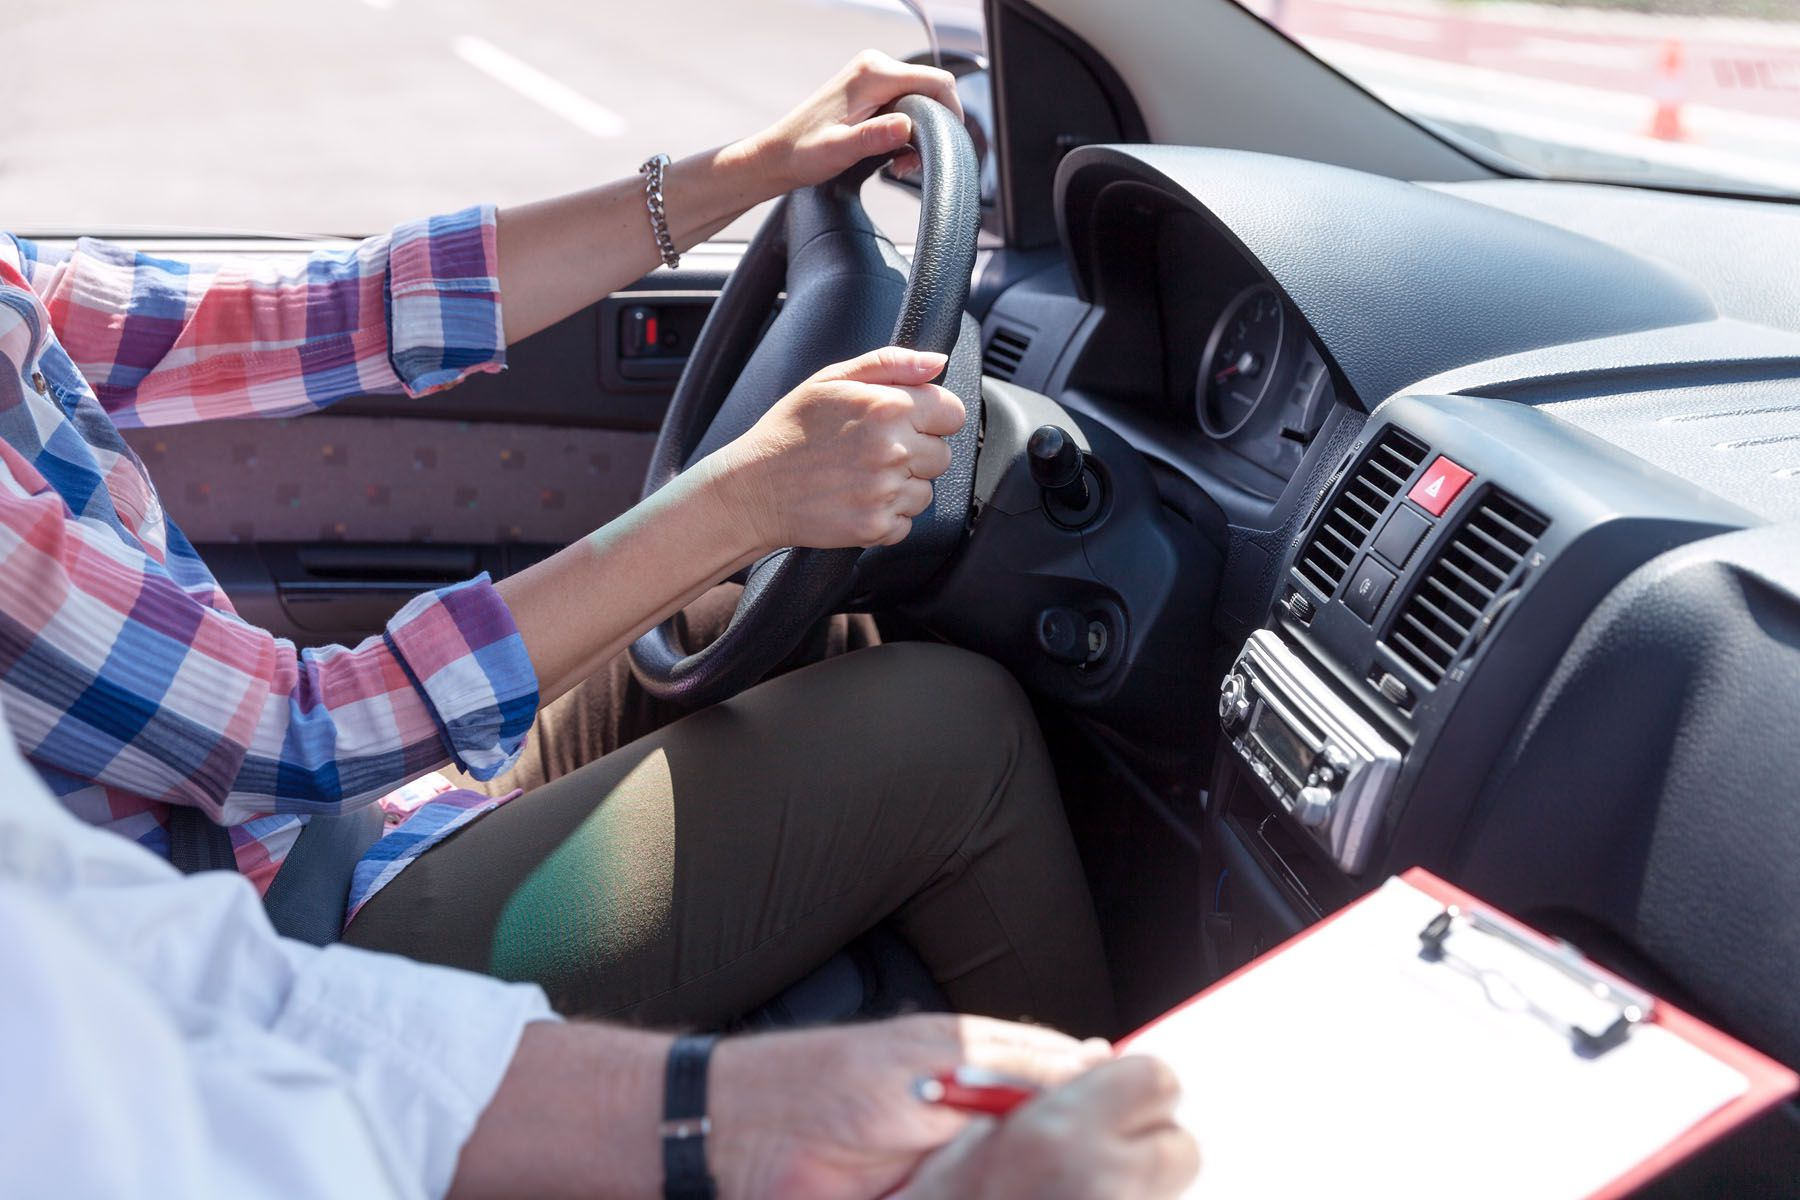 यूएई ड्राइभिङ लाइसेन्स  : लचिलो परिक्षण सेवा सुरु हुँदै